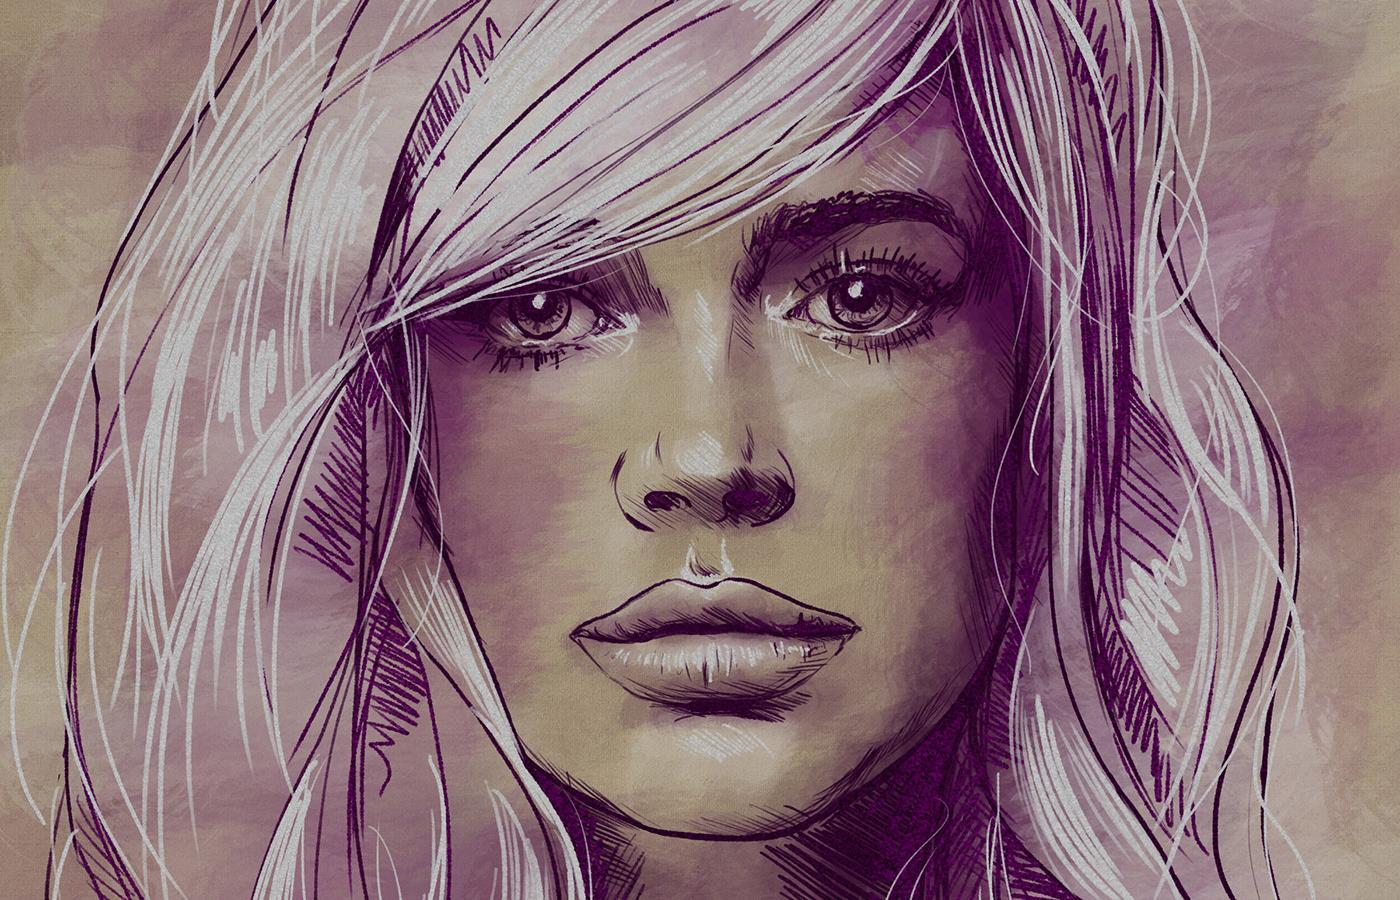 draws digital paints arte contemporanea RITRATTI portraits fine art